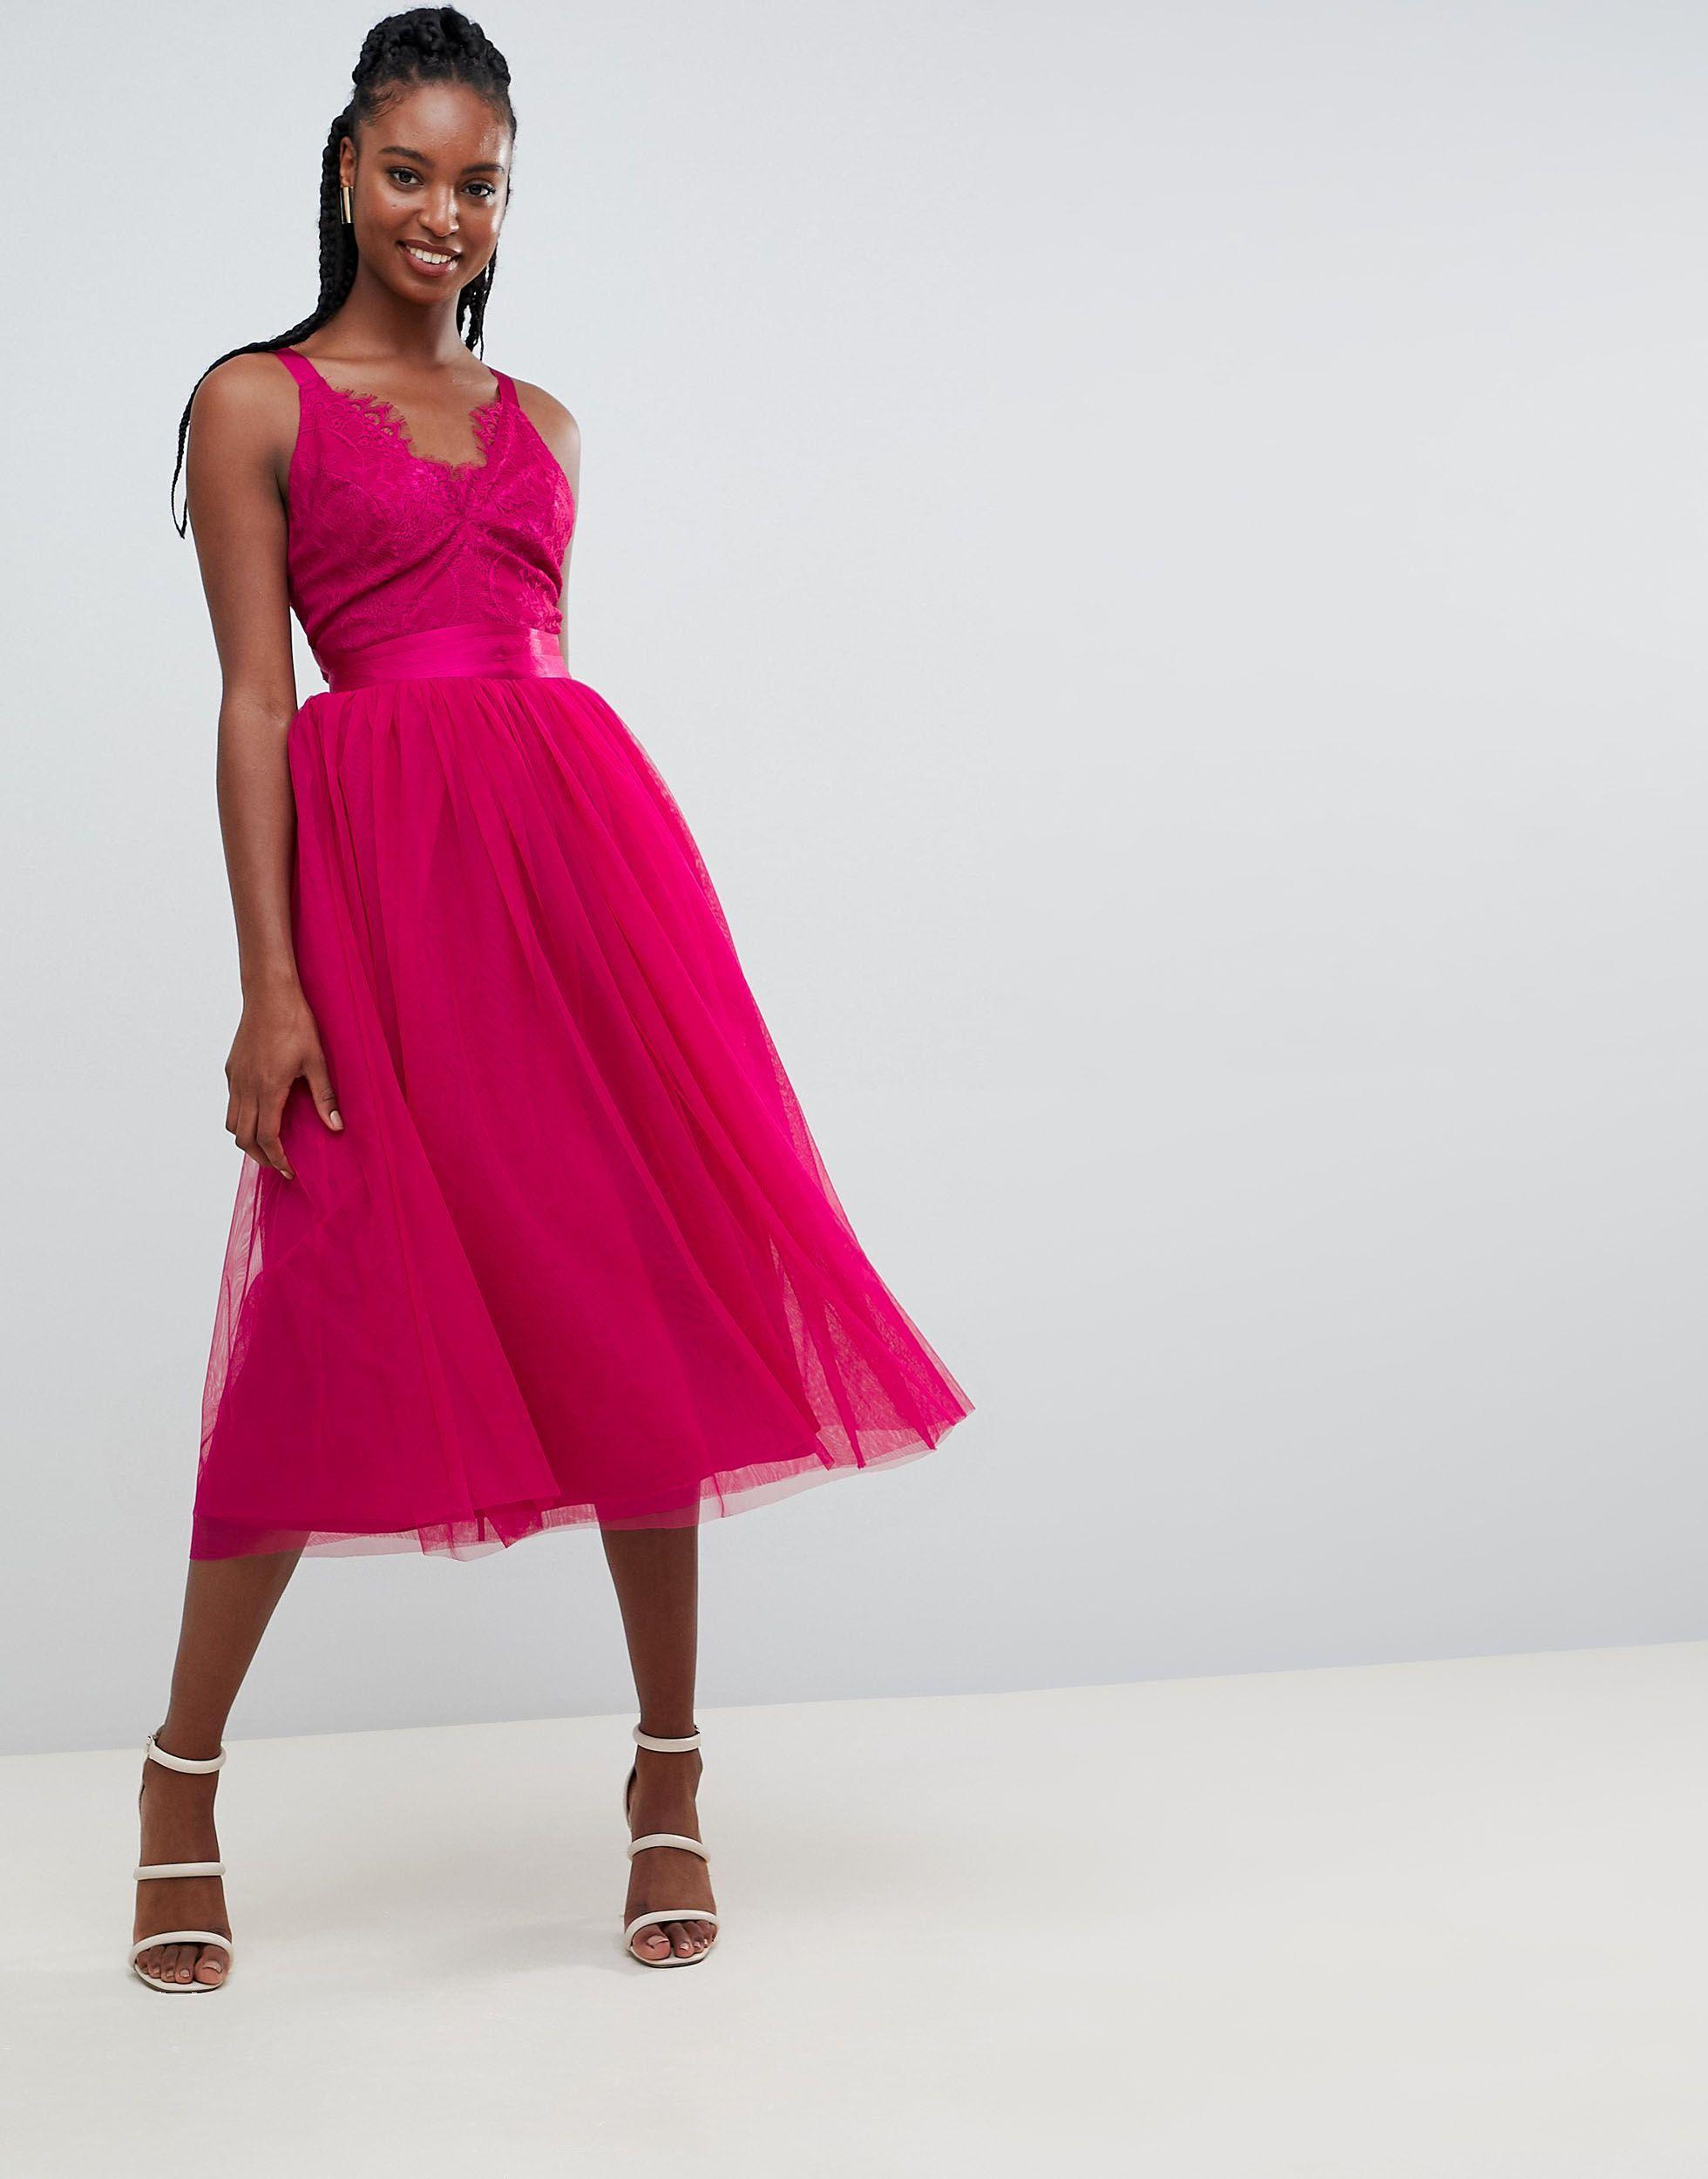 ASOS DESIGN TALL - Robe Dentelle ASOS en coloris Rose